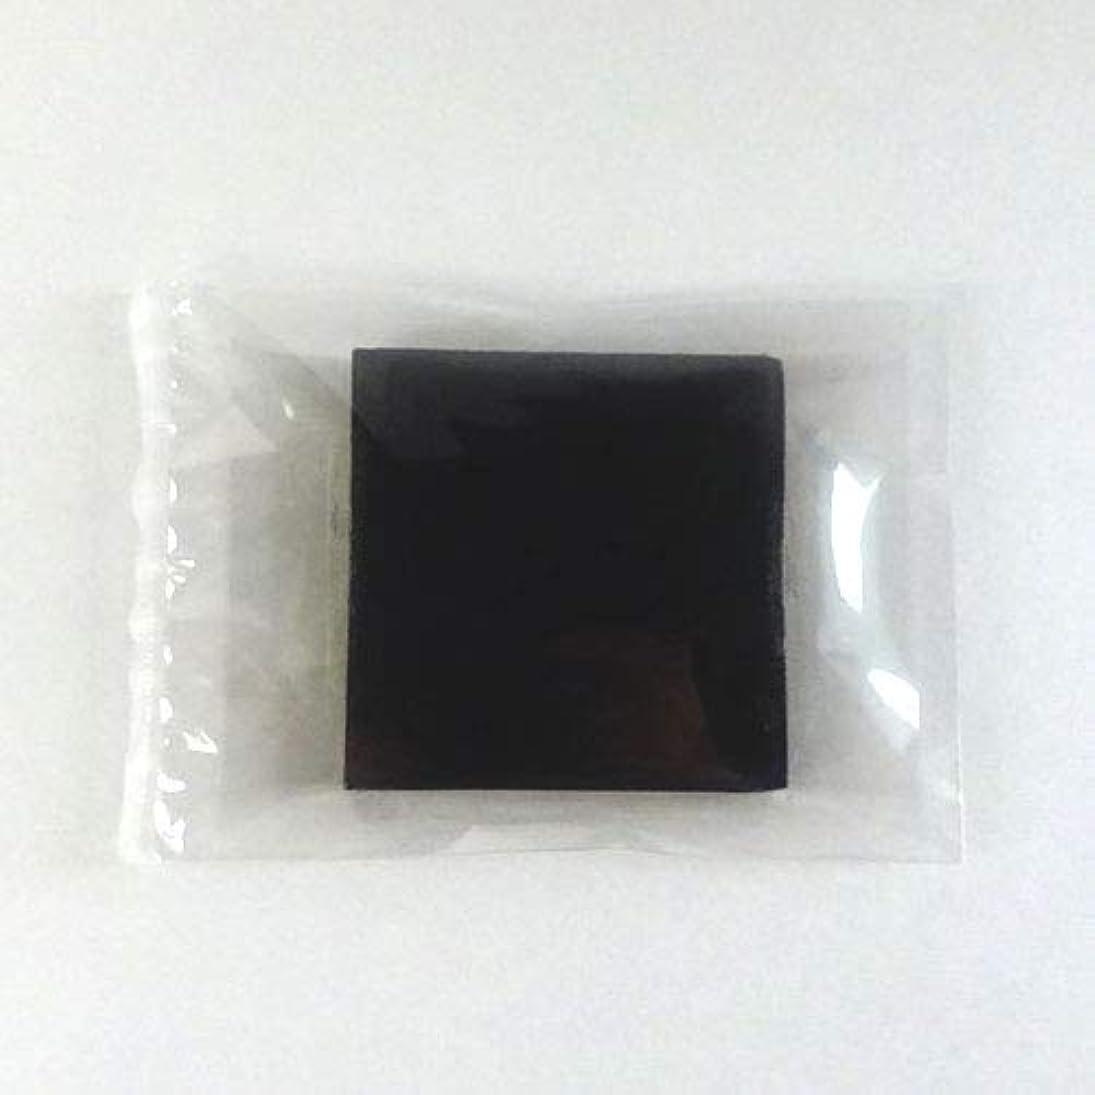 ようこそなくなる読みやすいグリセリンソープ MPソープ 色チップ 黒(ブラック) 30g